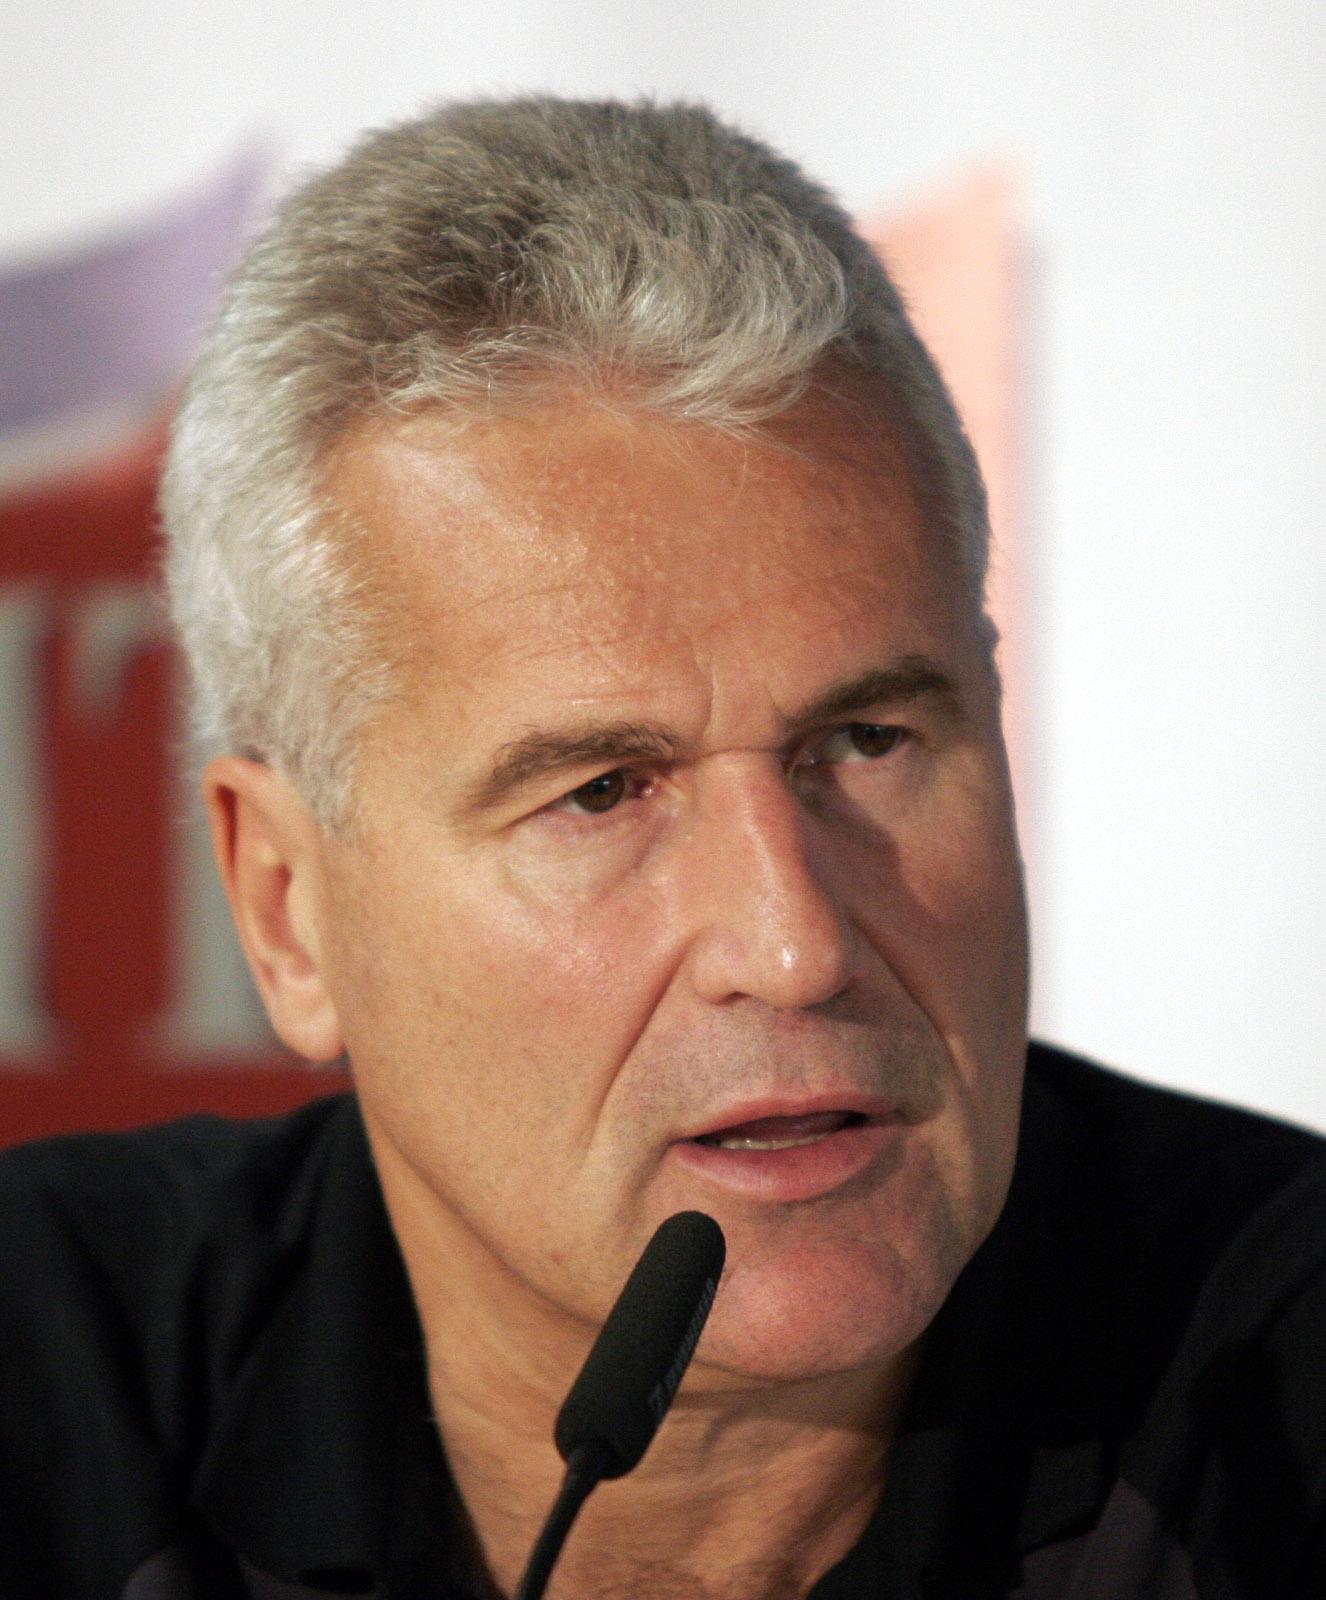 ehemaliger handballtrainer deutschland